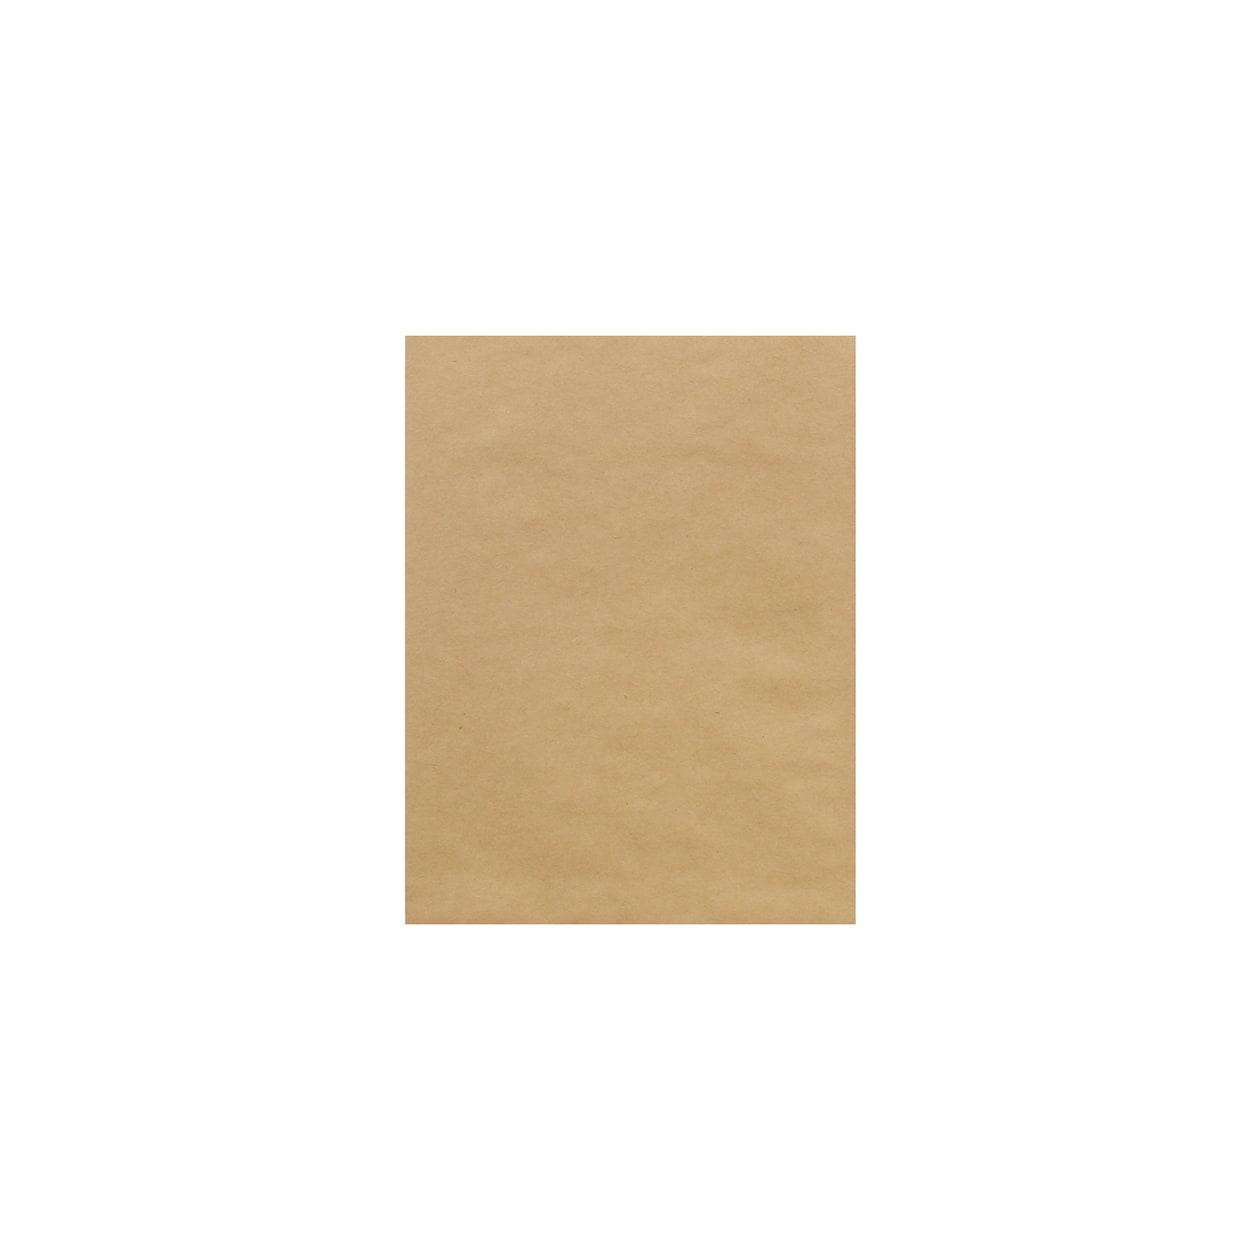 平袋145×190 未晒クラフト 70g